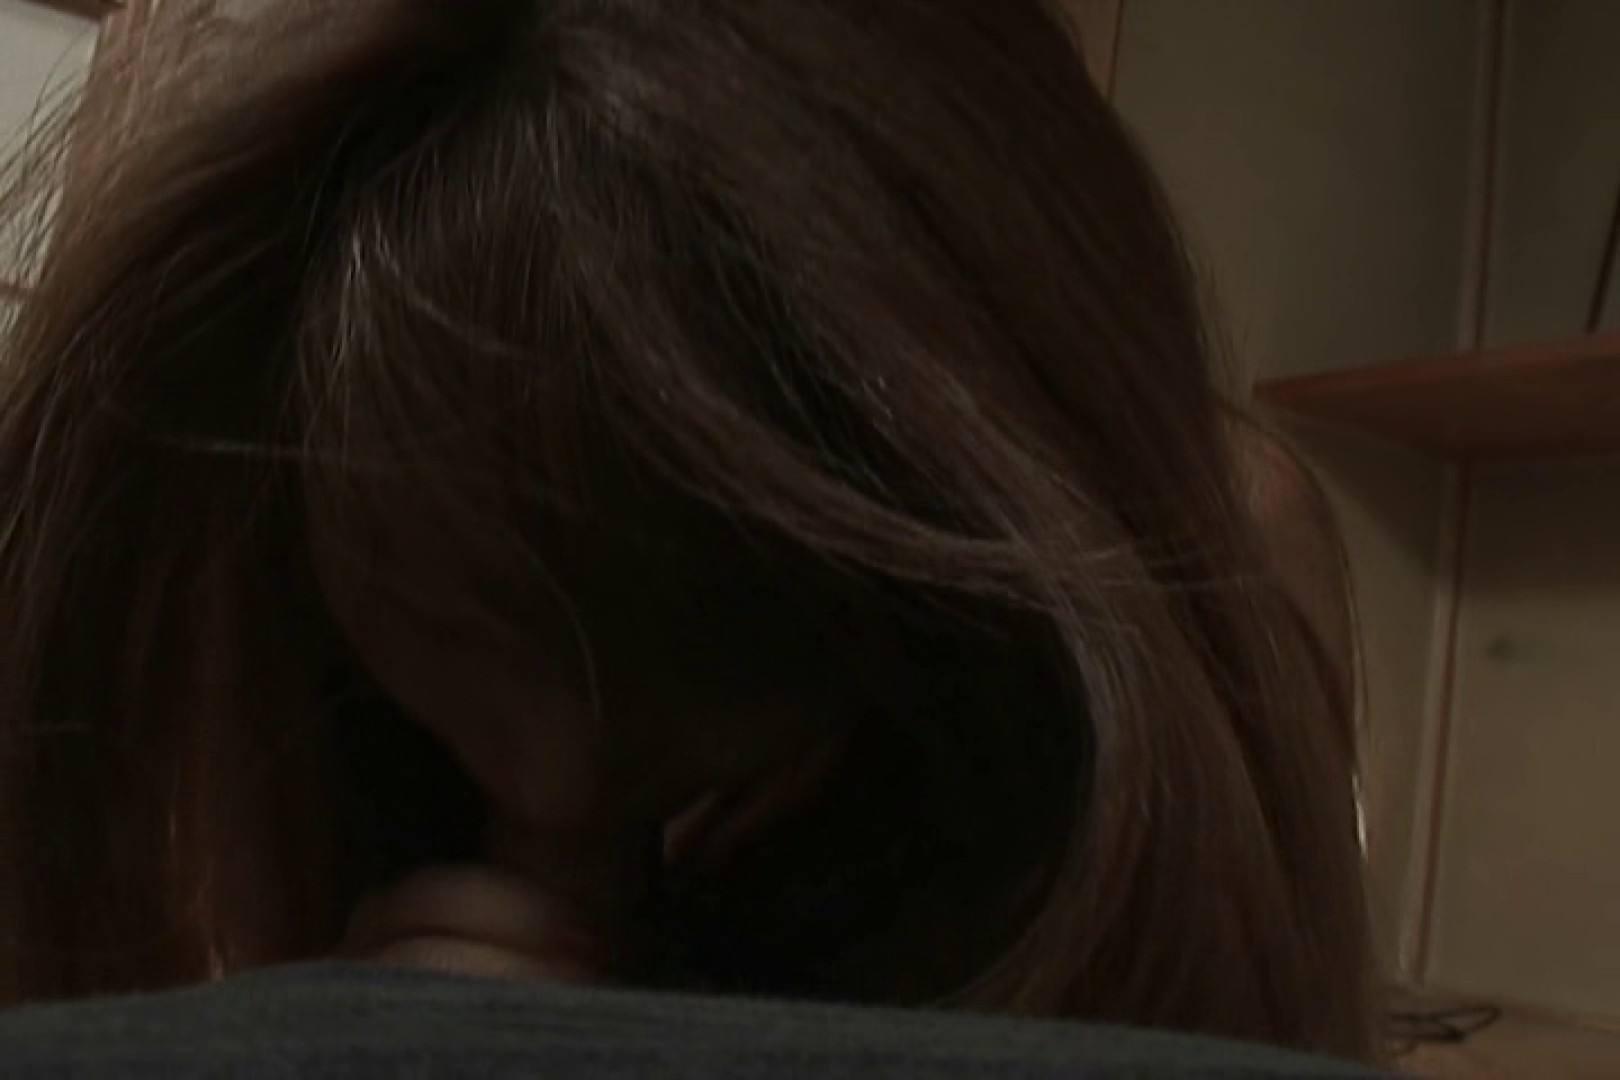 Aカップ奥様はまたがるのが大好き~森山ゆきこ~ SEX映像 隠し撮りオマンコ動画紹介 91連発 80